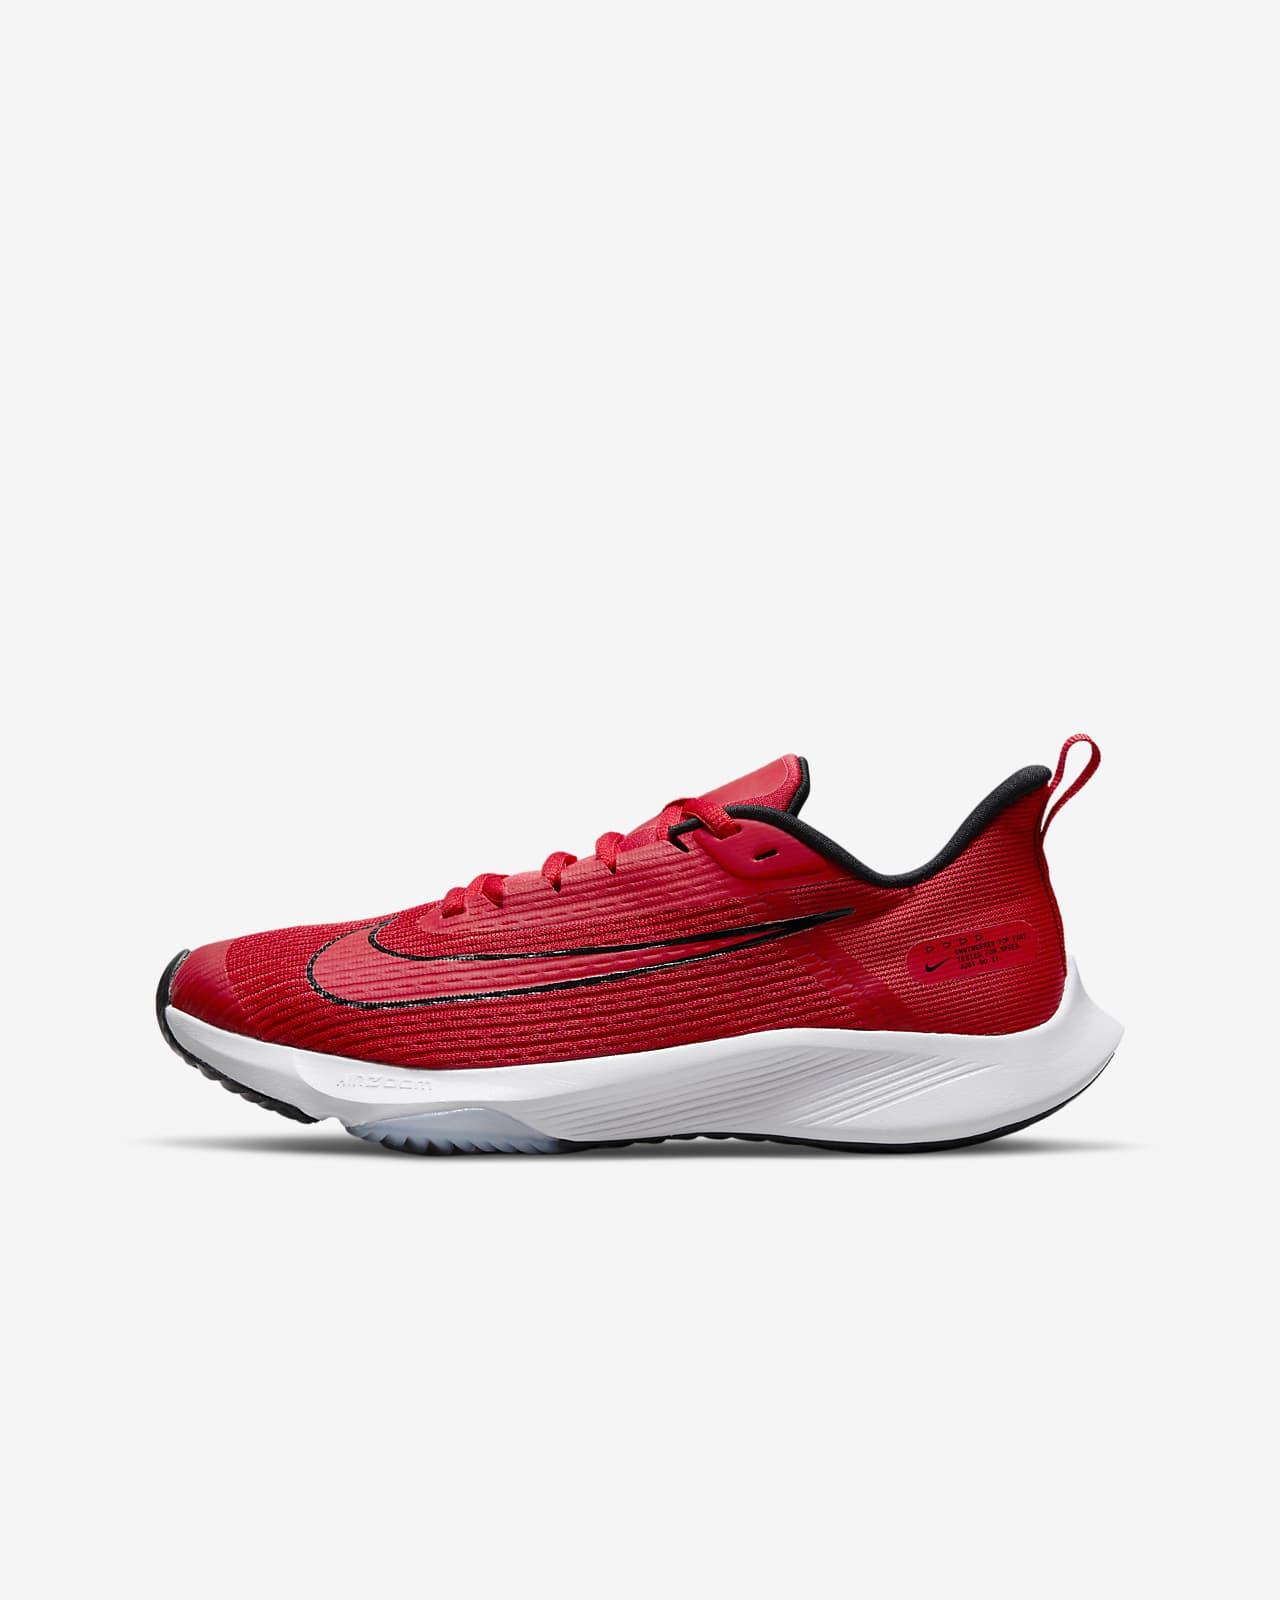 Chaussure de running Nike Air Zoom Speed 2 pour Jeune enfant/Enfant plus âgé